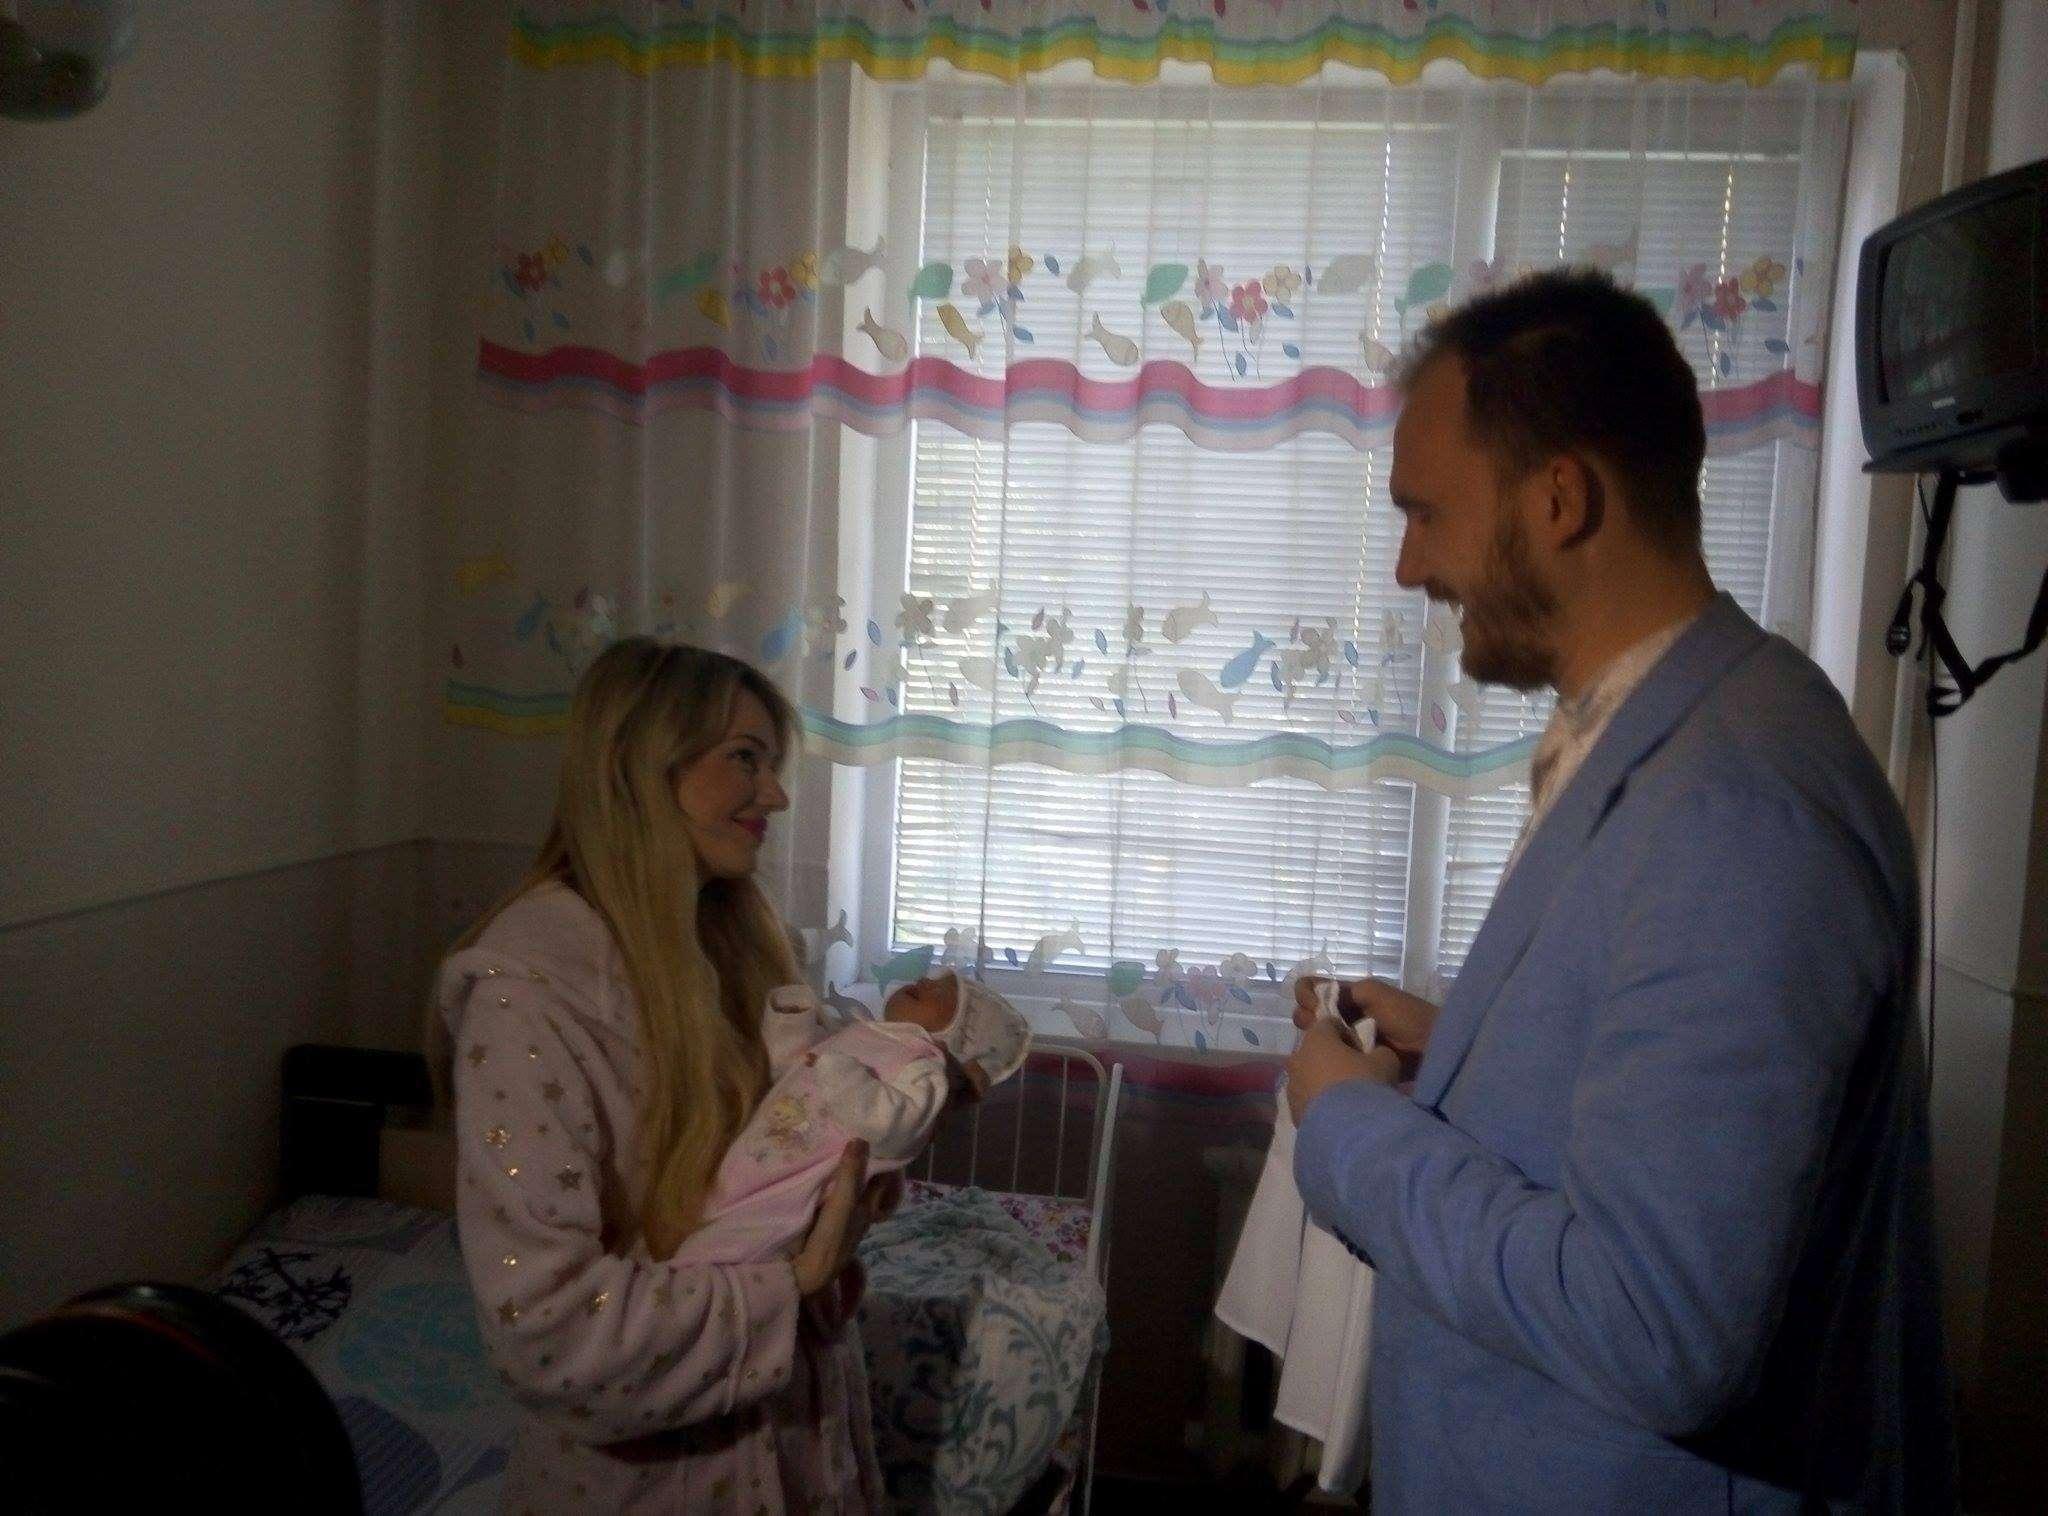 Першими подарунки в День вишиванки традиційно отримують немовлята (ФОТО) c51f575da7a6f